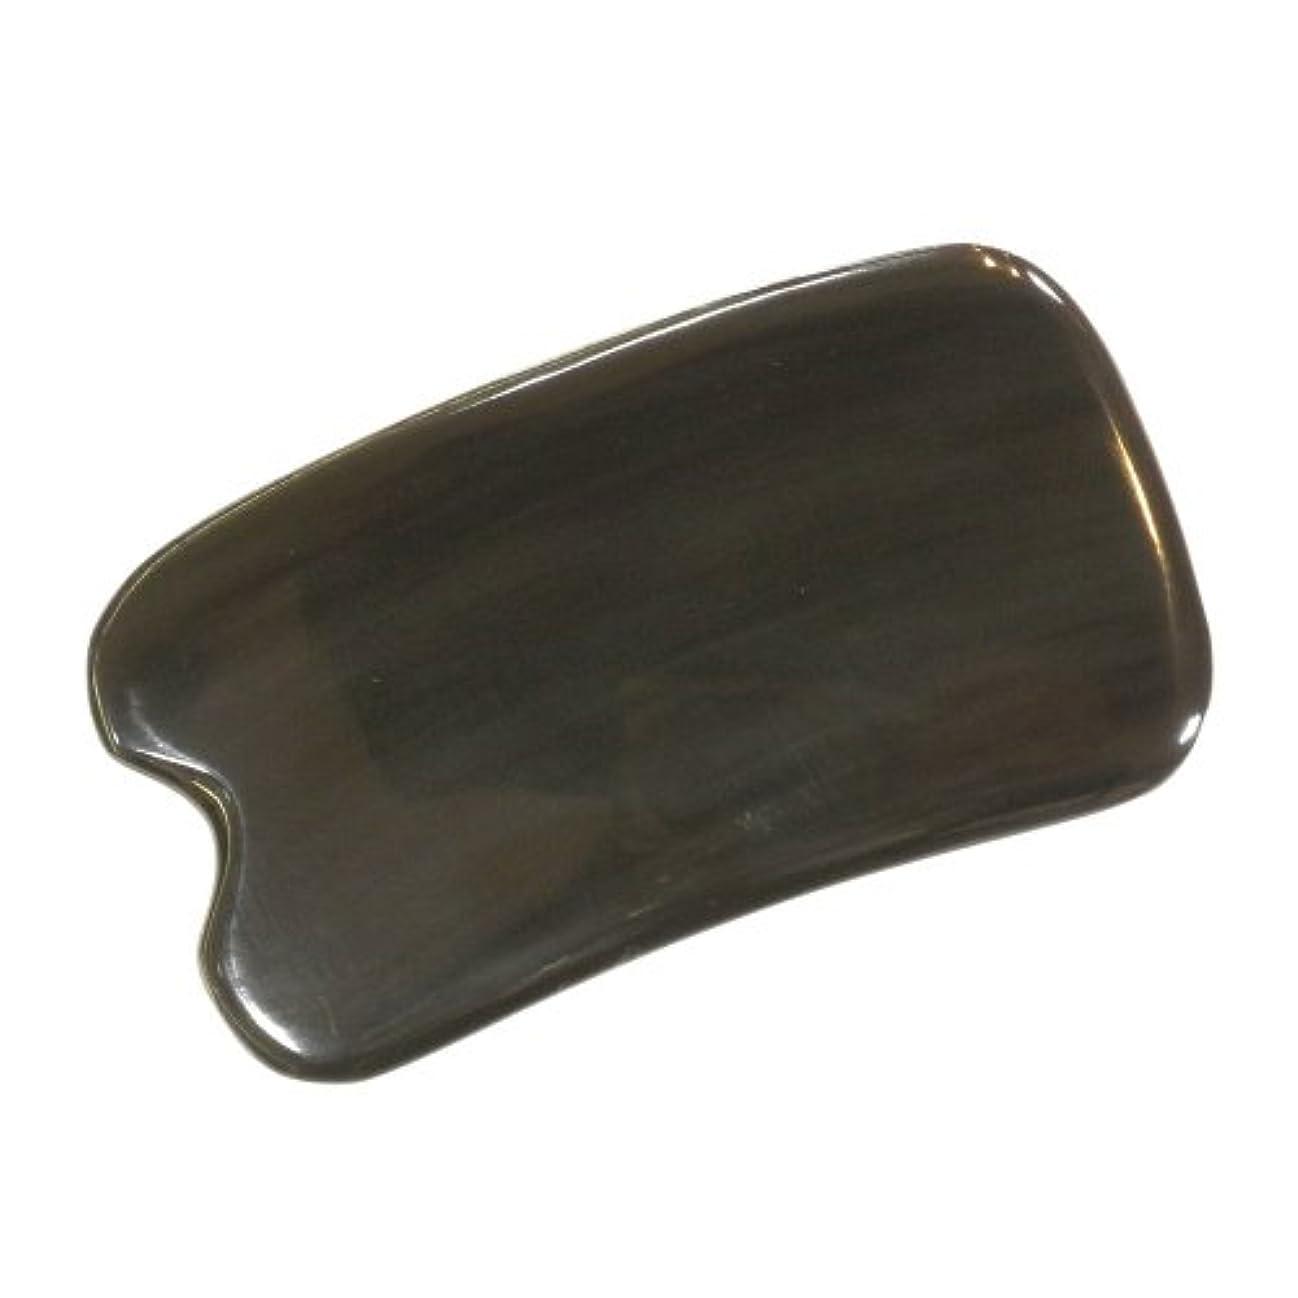 紀元前ジレンマ誰かっさ プレート 厚さが選べる ヤクの角(水牛の角) EHE273SP 黒四角凹 特級品 少し厚め(6ミリ程度) 大きめ穴無